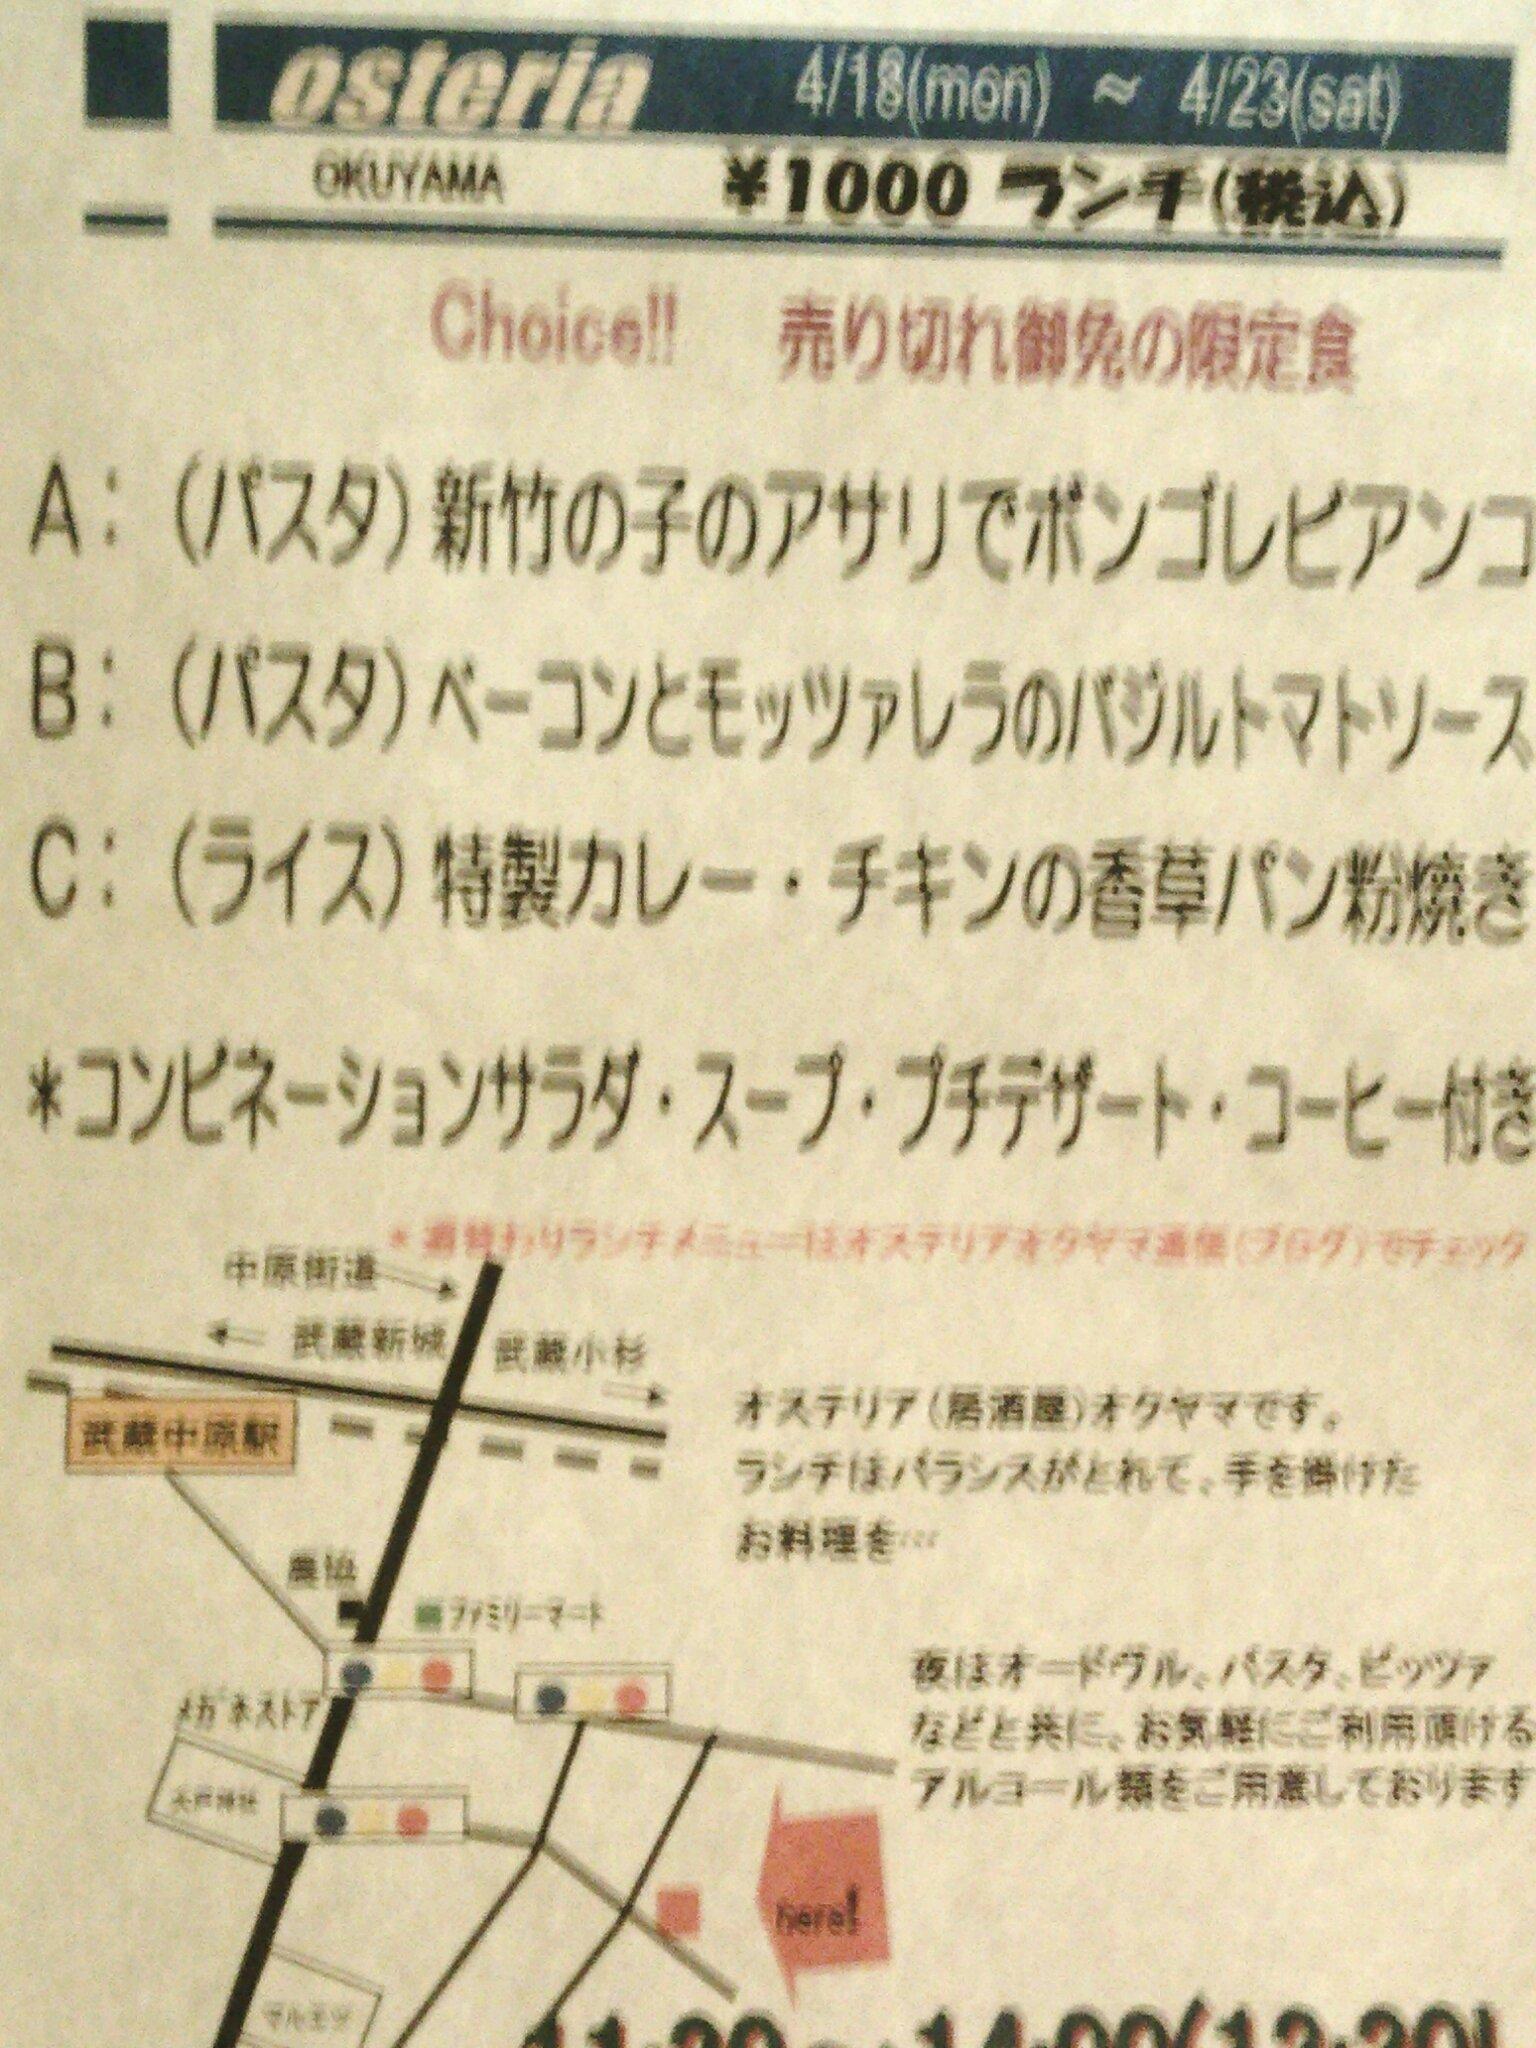 4/18(月)〜4/23(土)